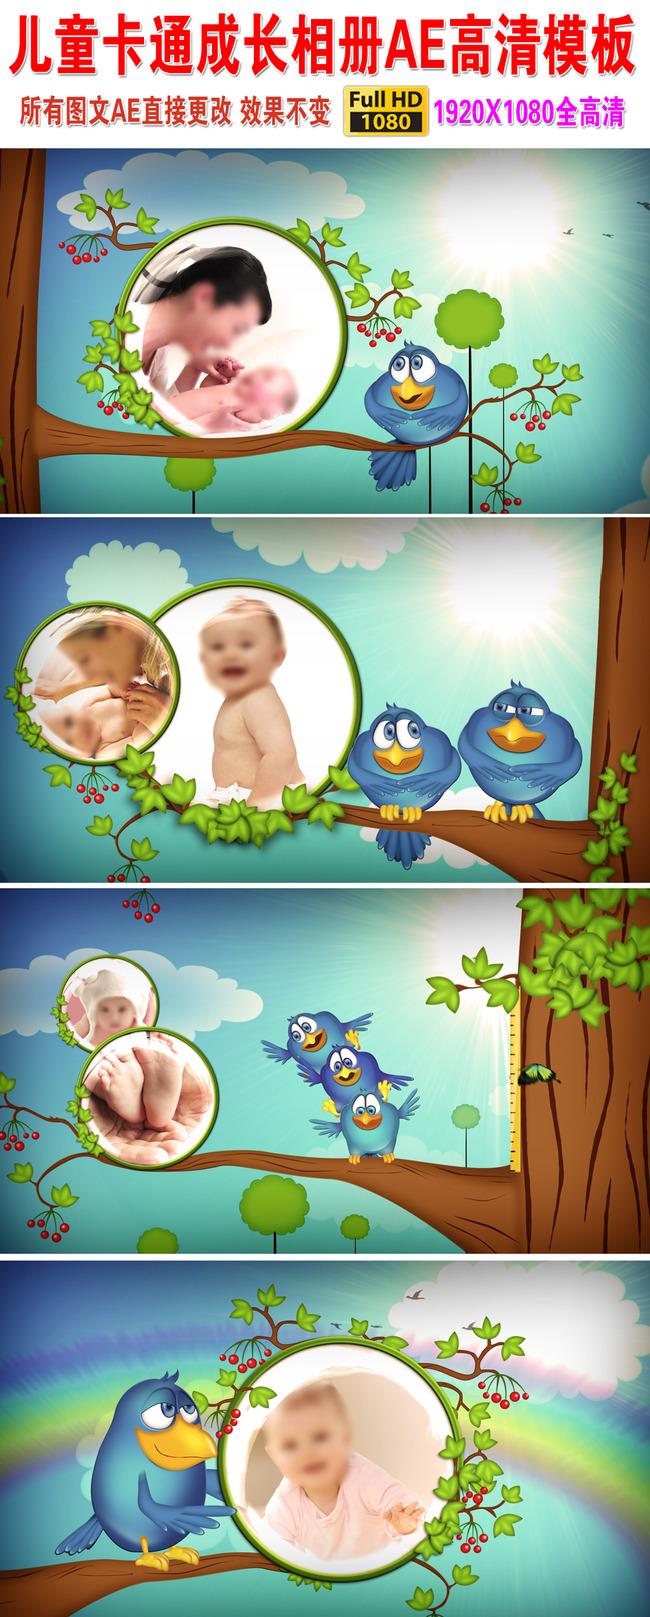 儿童卡通相册模板(图文可修改)